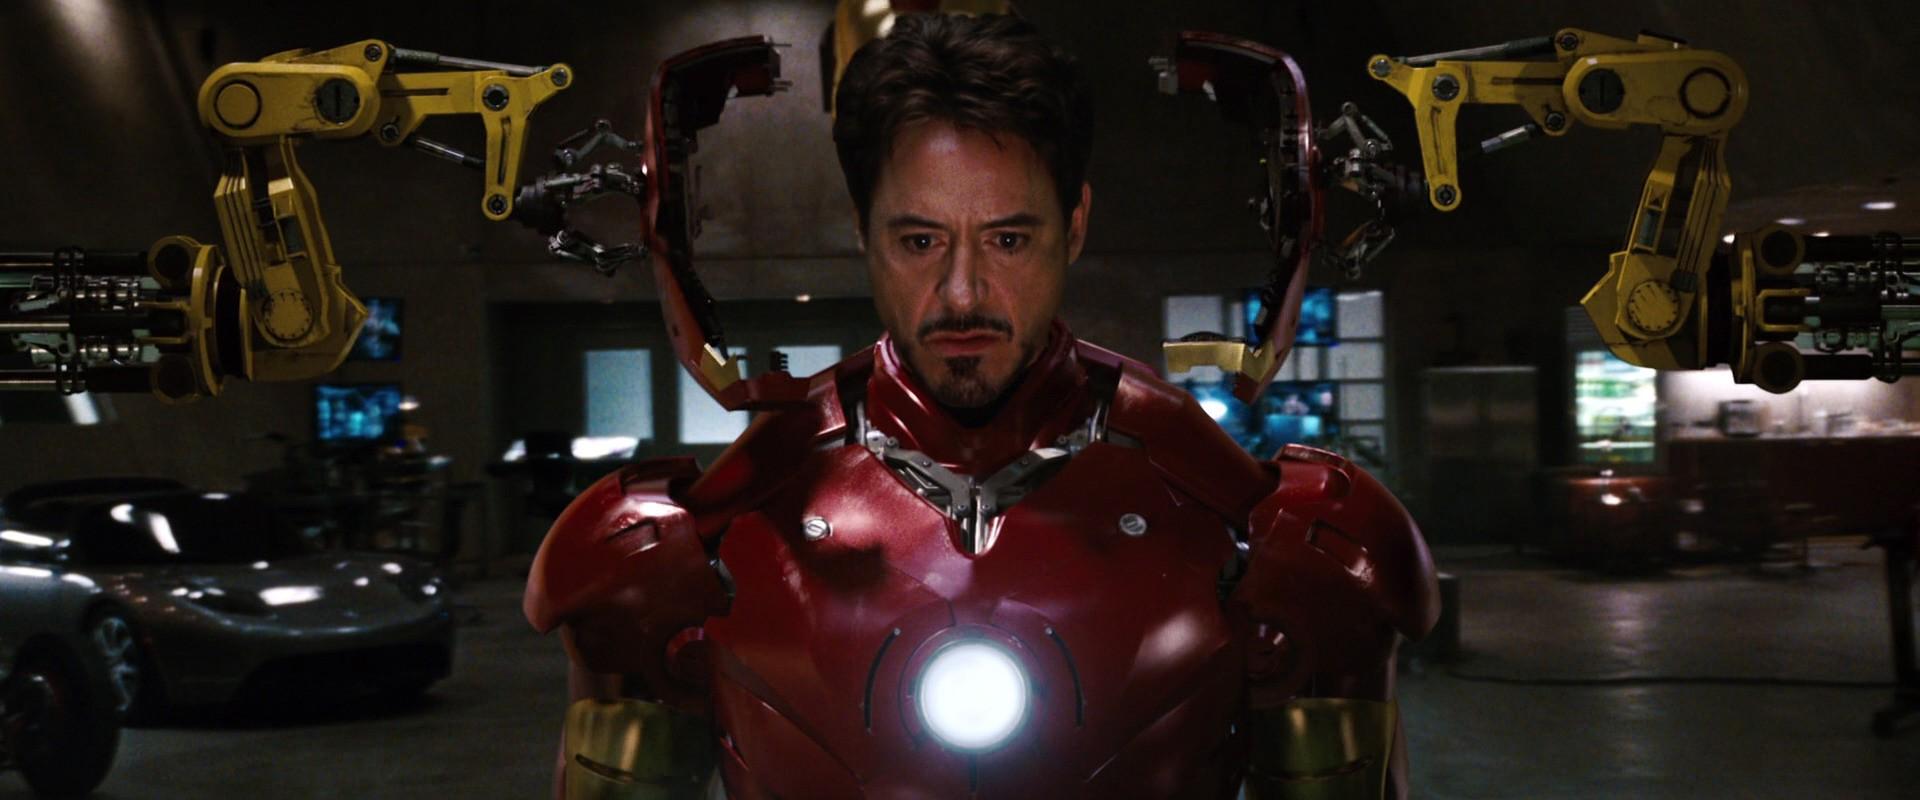 Image iron man1 movie marvel - Iron man 1 images ...